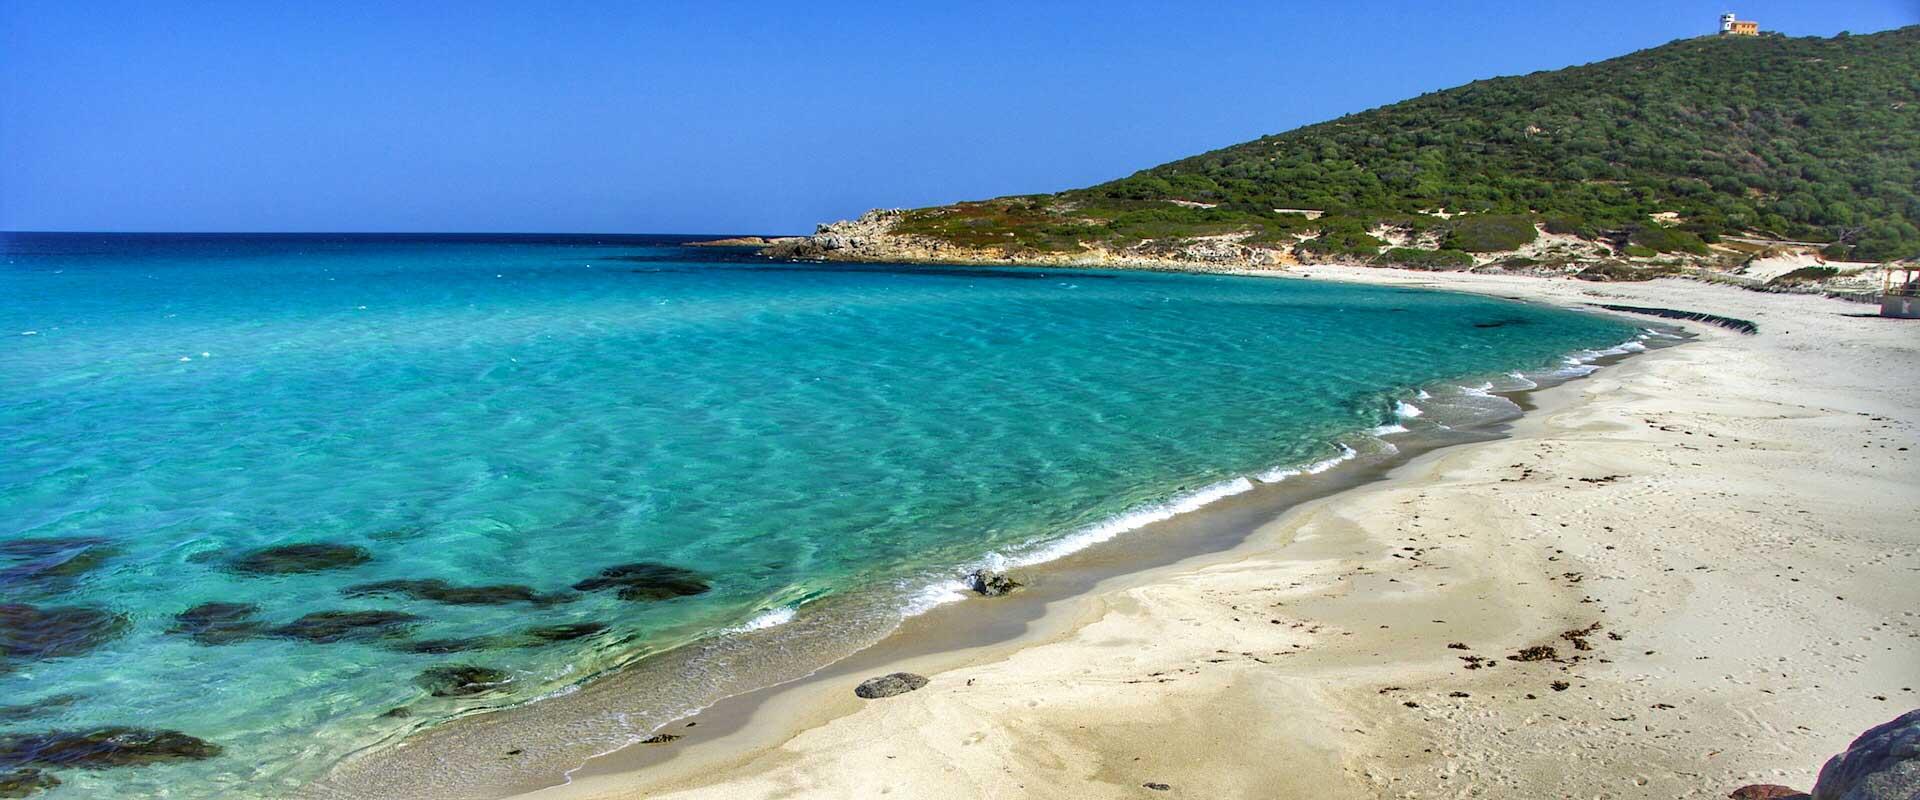 10 plages en Corse à découvrir lors de votre séjour